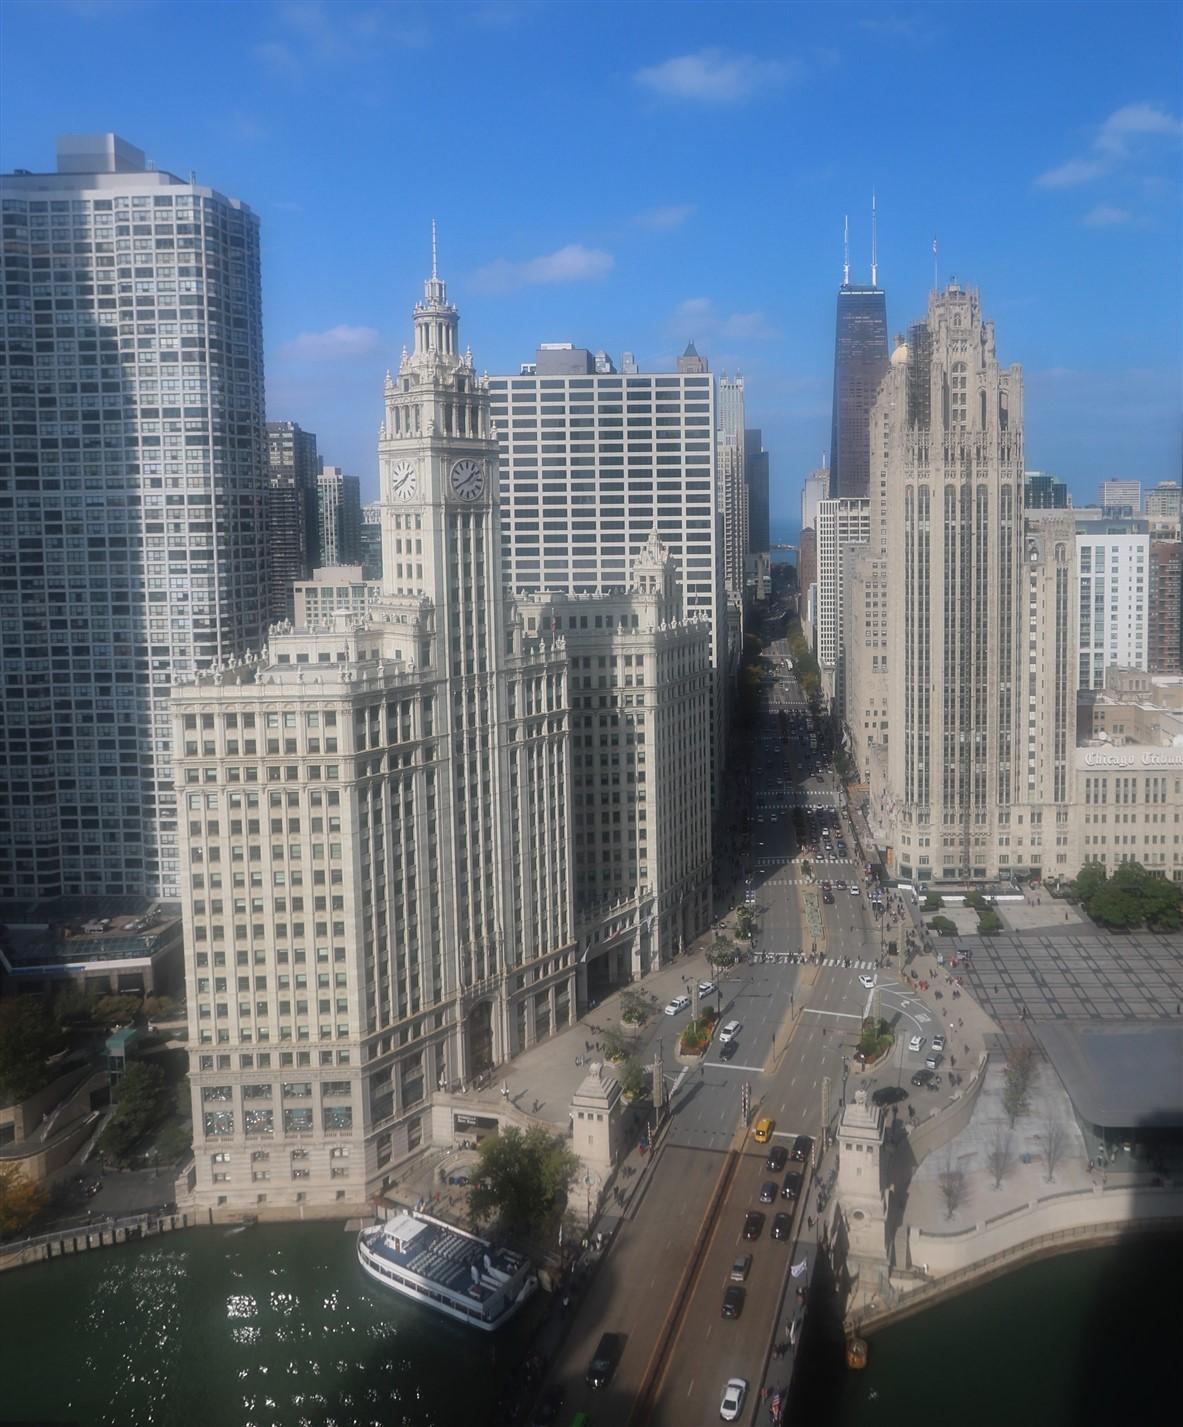 2018 10 14 470 Chicago Open House.jpg